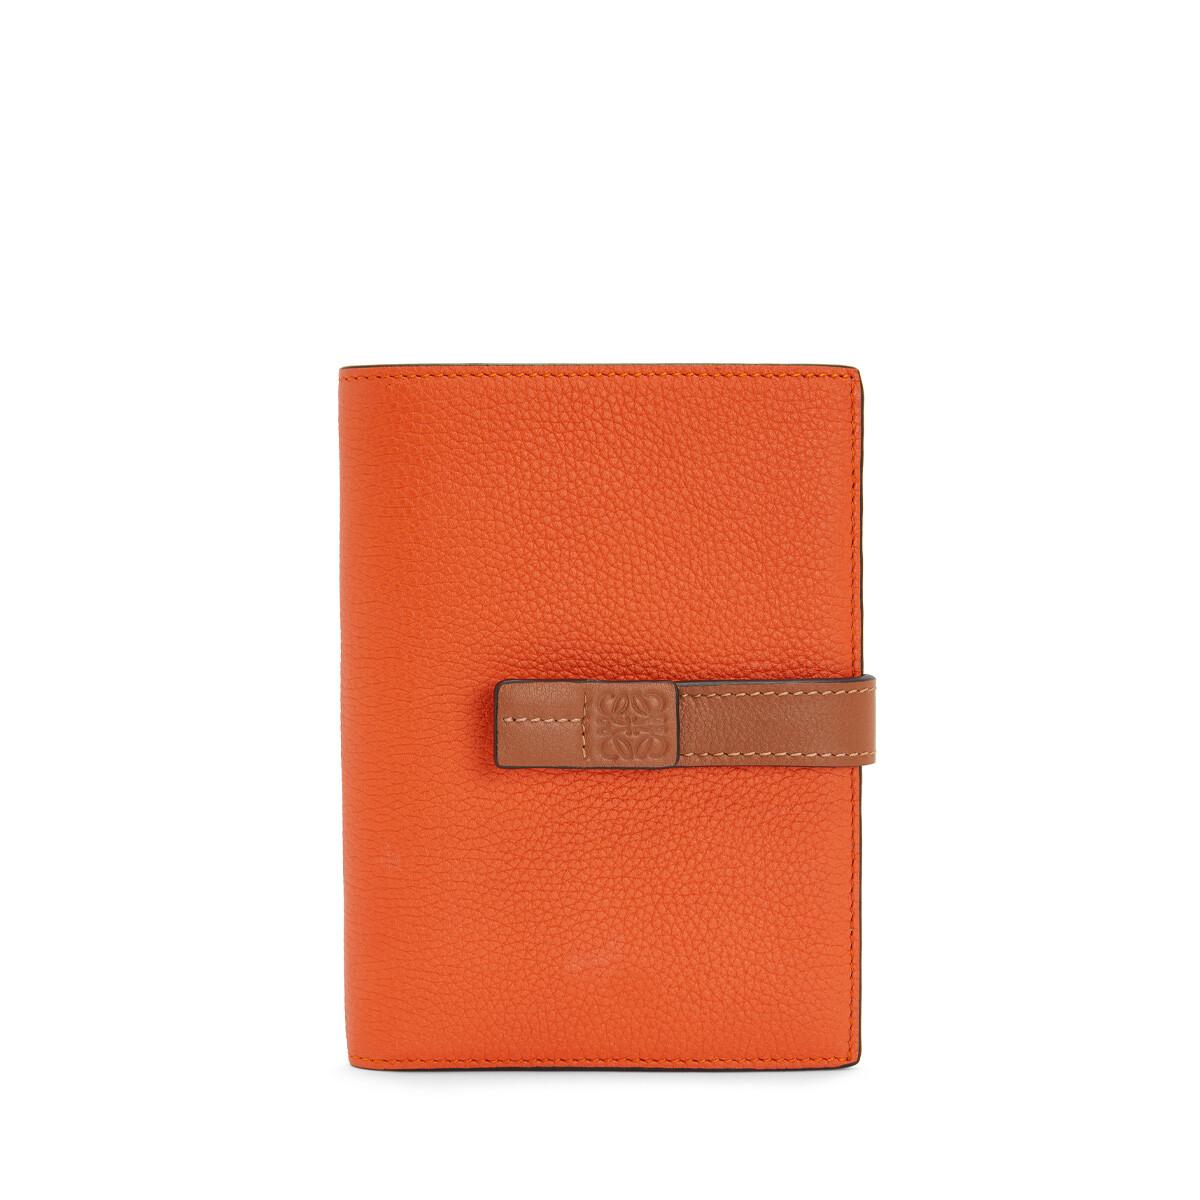 LOEWE Medium Vertical Wallet Orange front